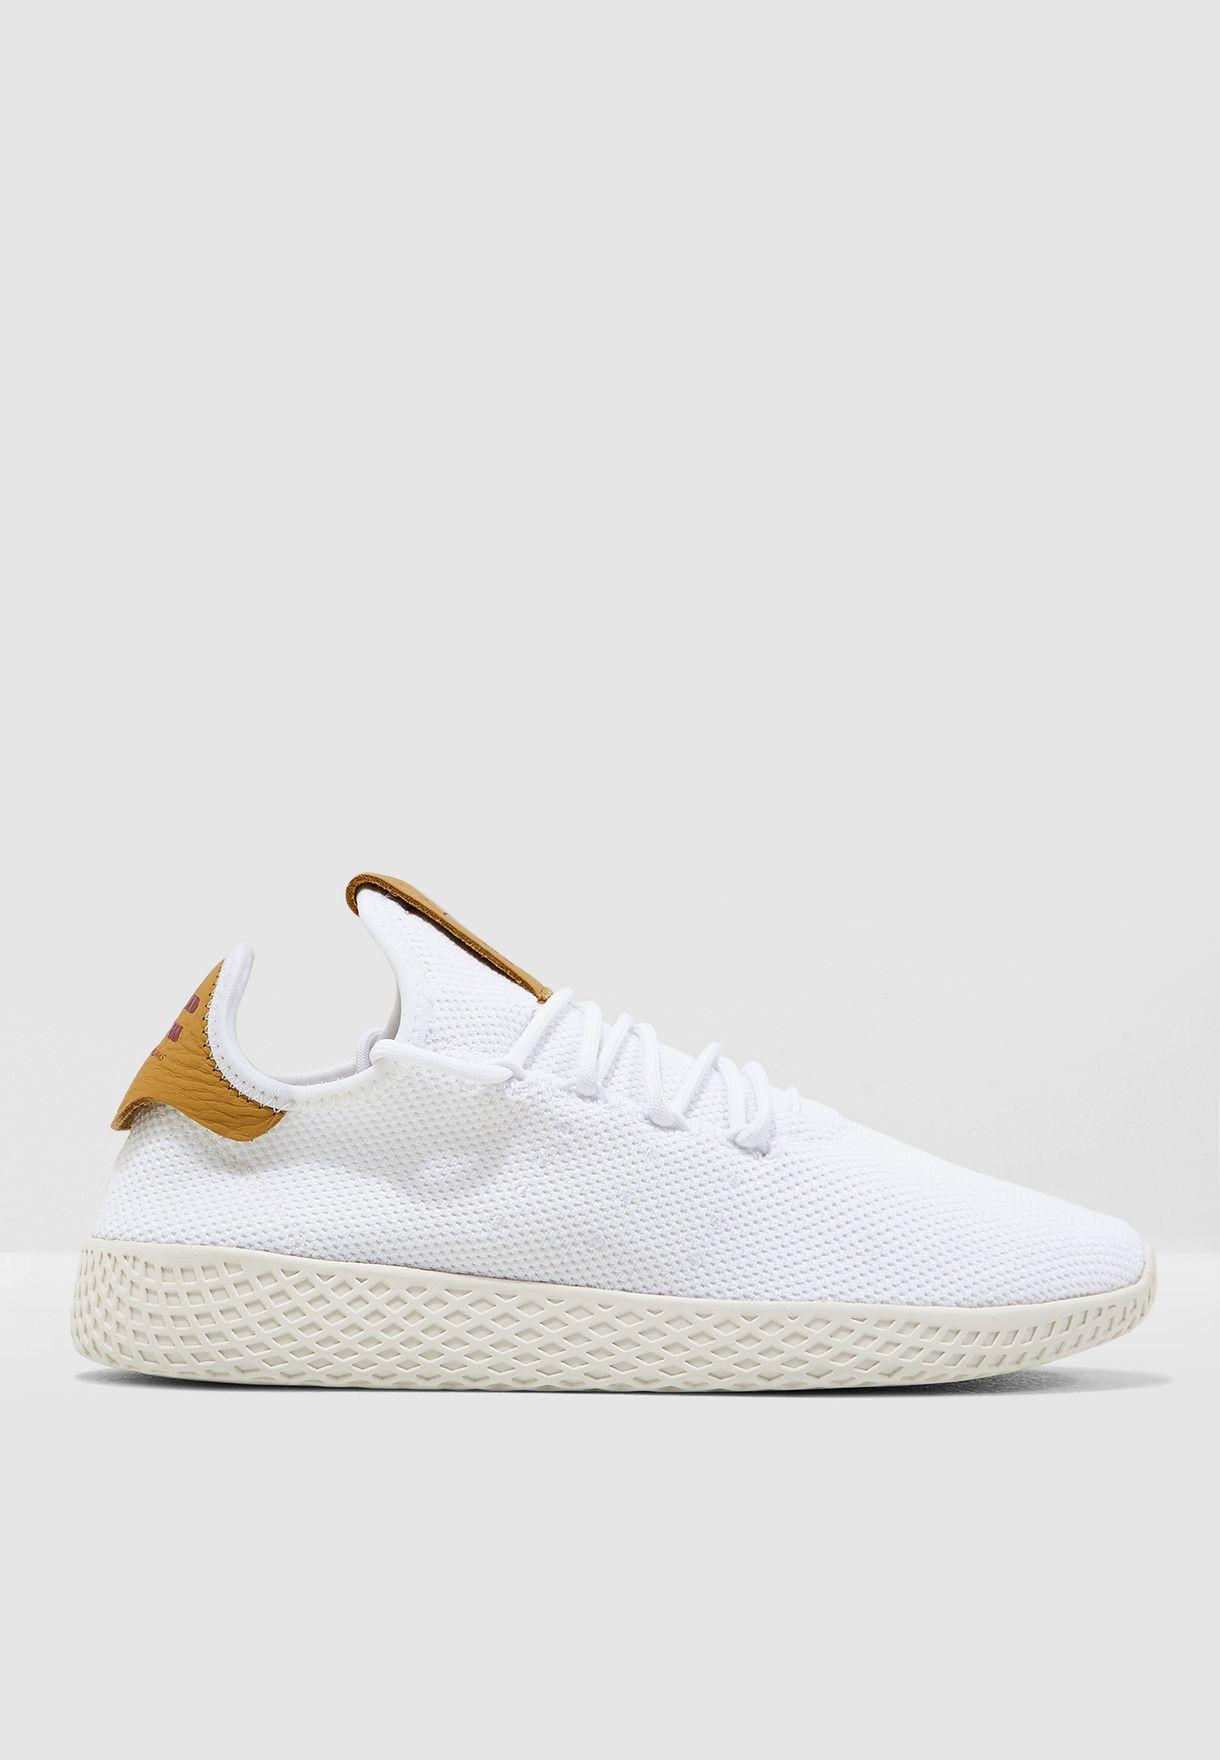 حذاء فاريل ويليامز هو للتنس